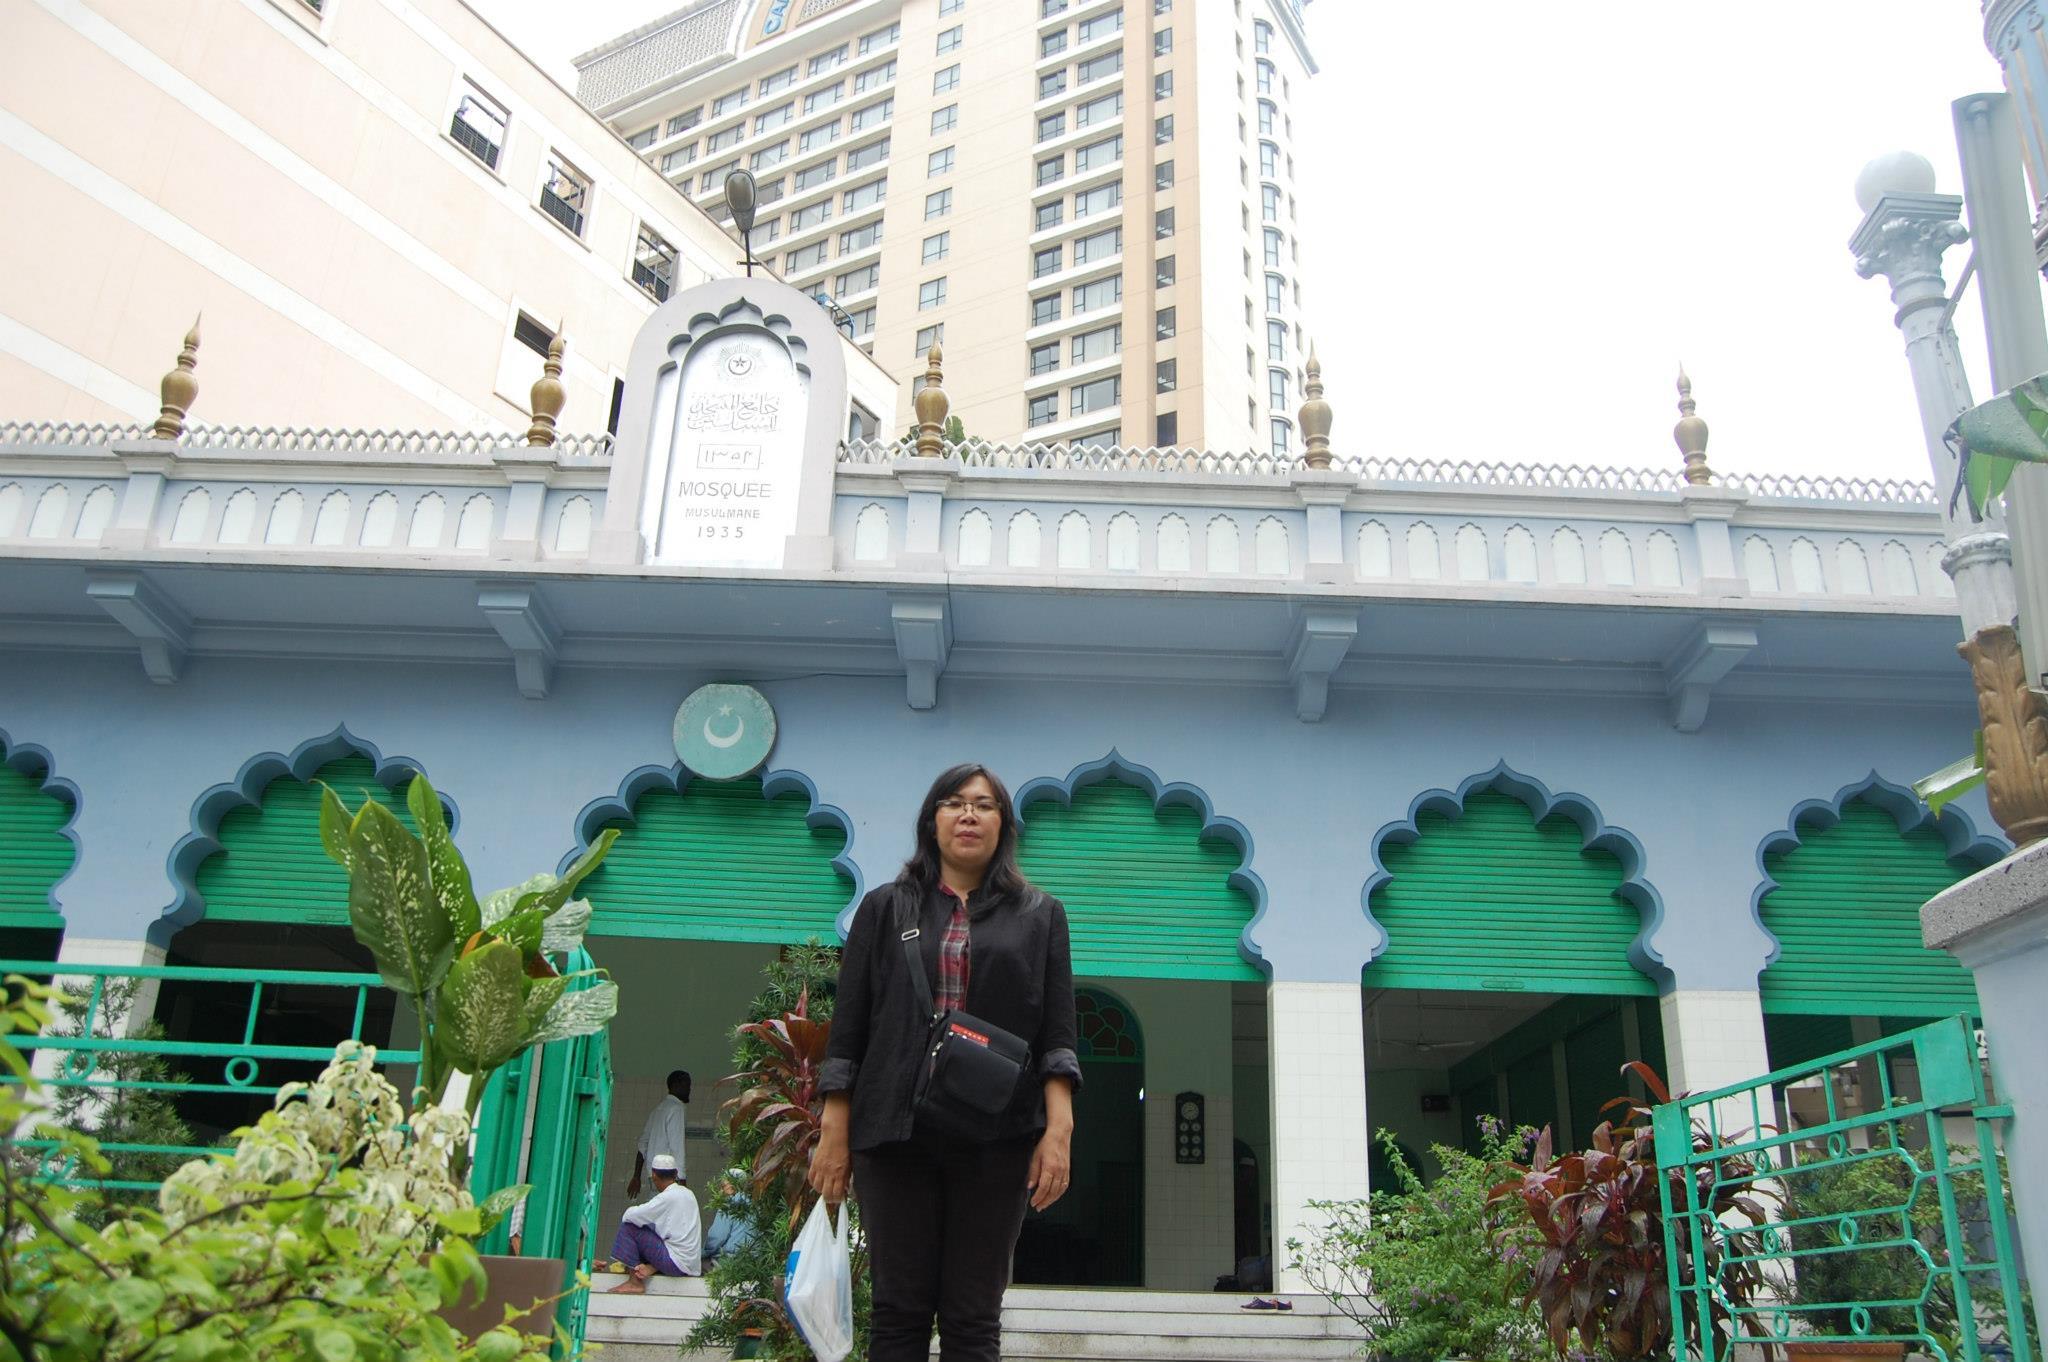 Một giáo viên bị hiệu trưởng bắt làm kiểm điểm vì chia sẻ thông tin ông Nguyễn Phú Trọng trúng cử